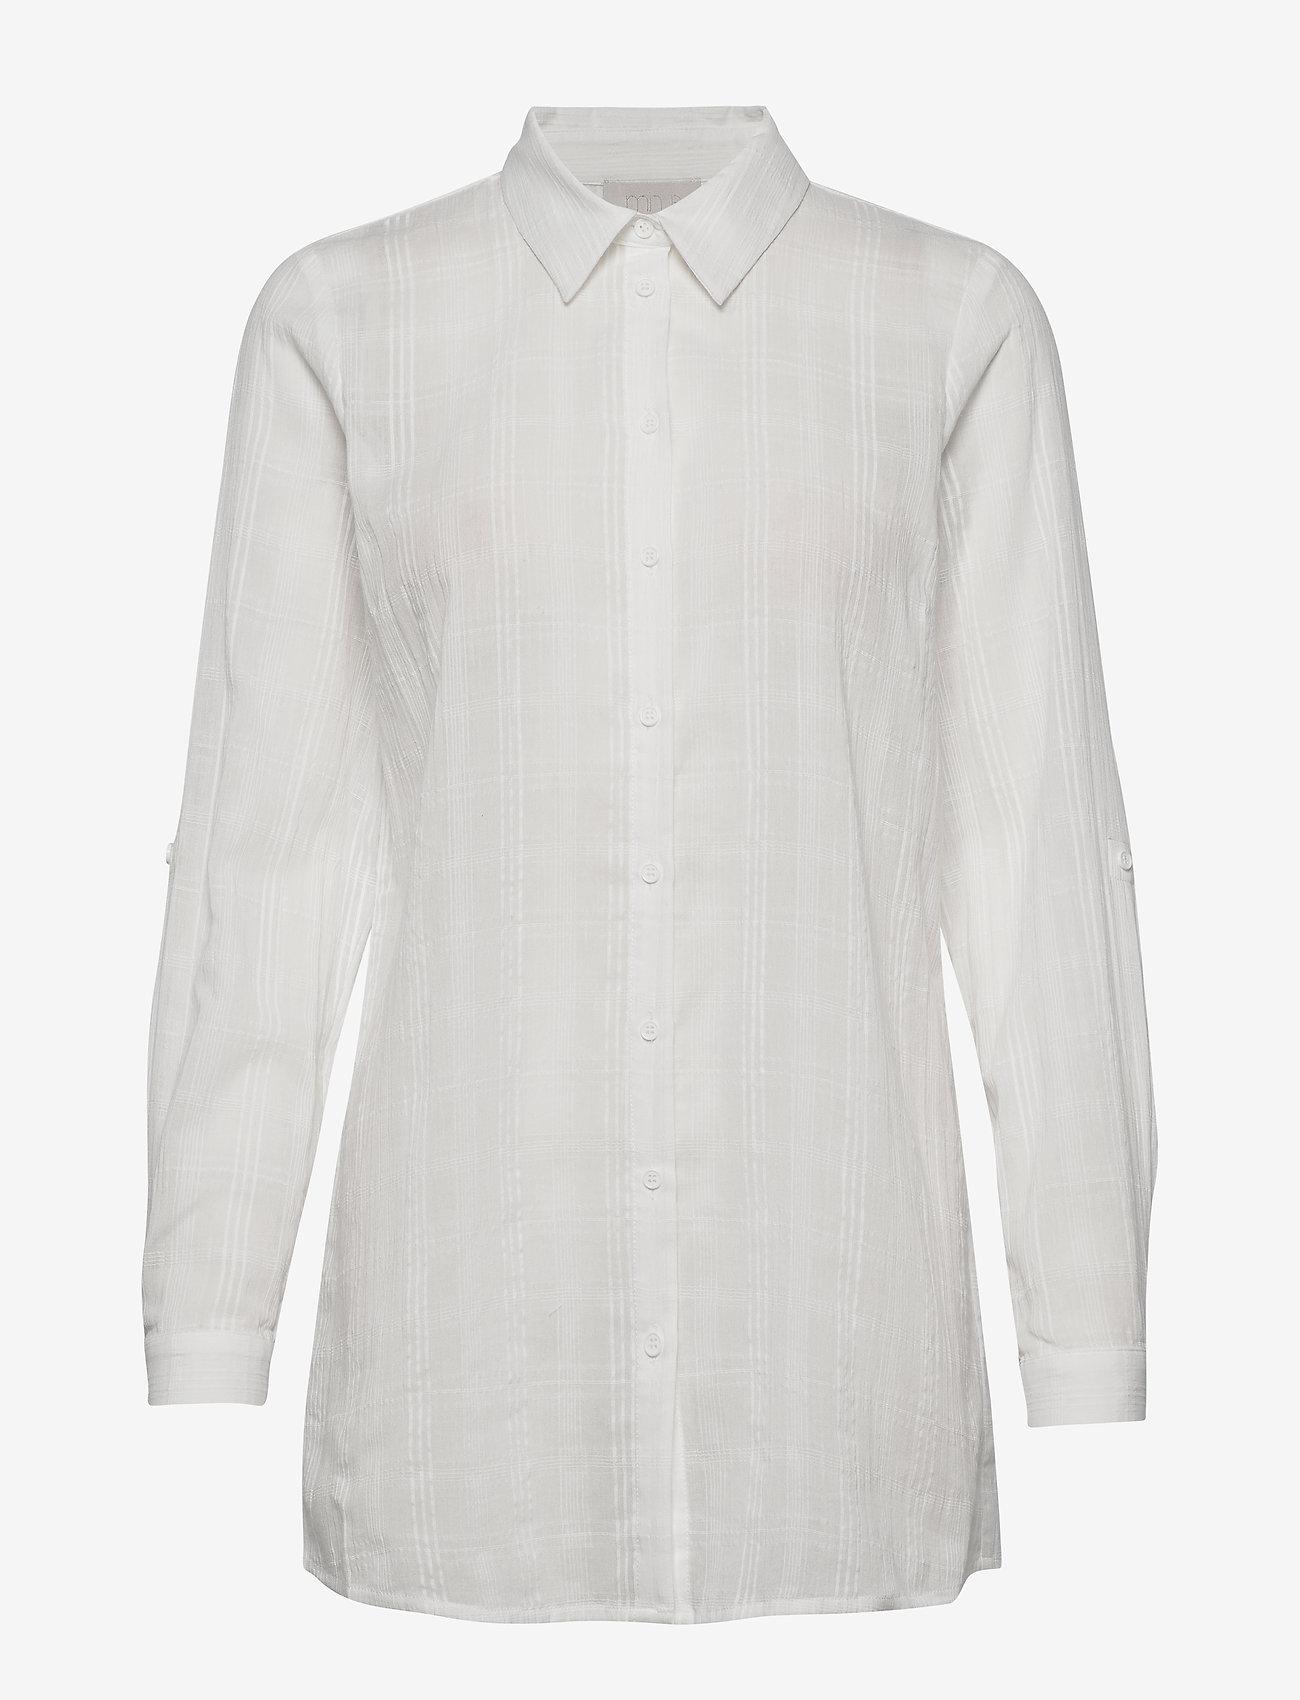 Minus - Melfi shirt - chemises à manches longues - cloud dancer - 0